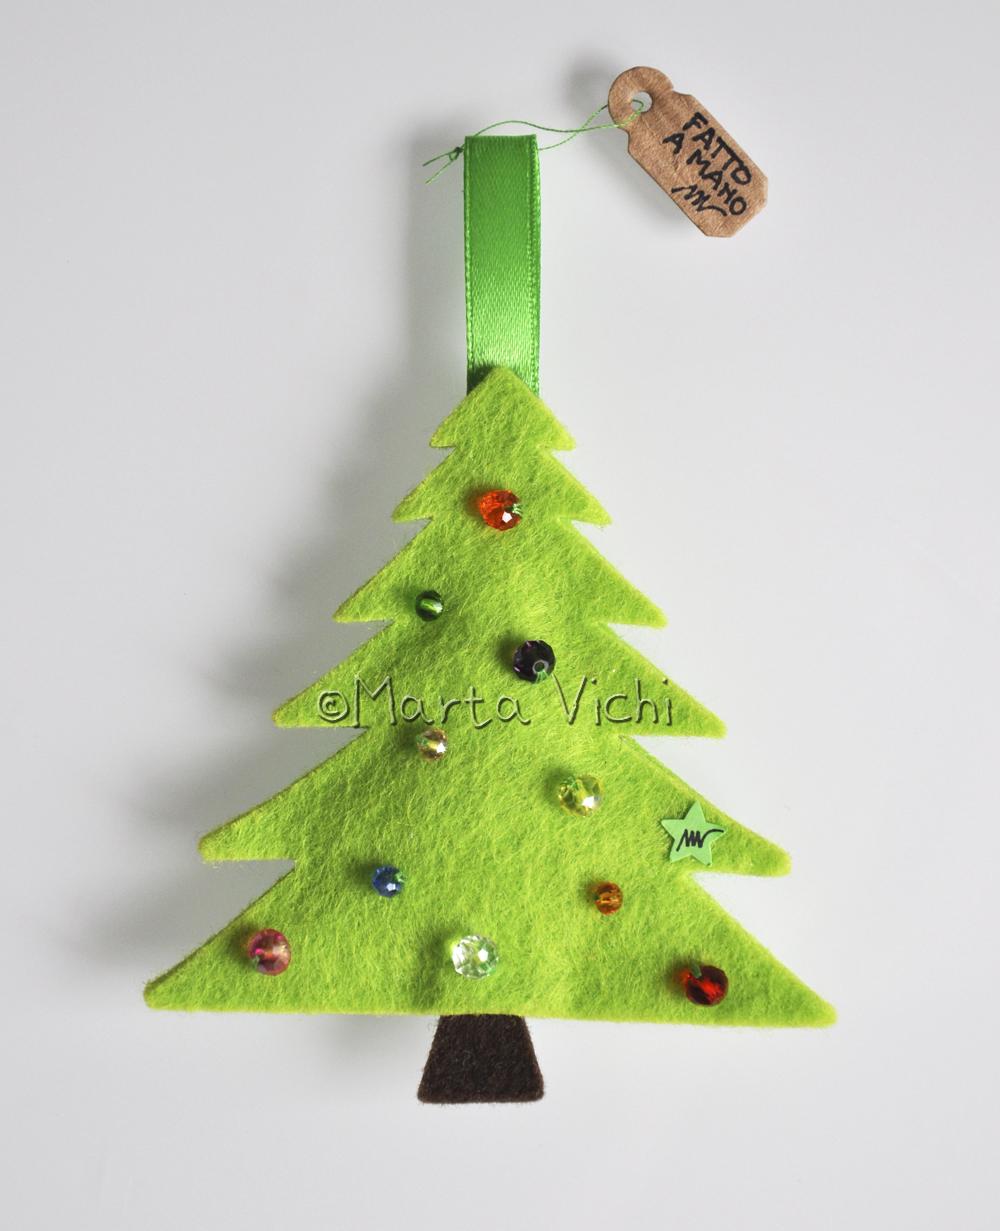 Abetino1 verde chiaro